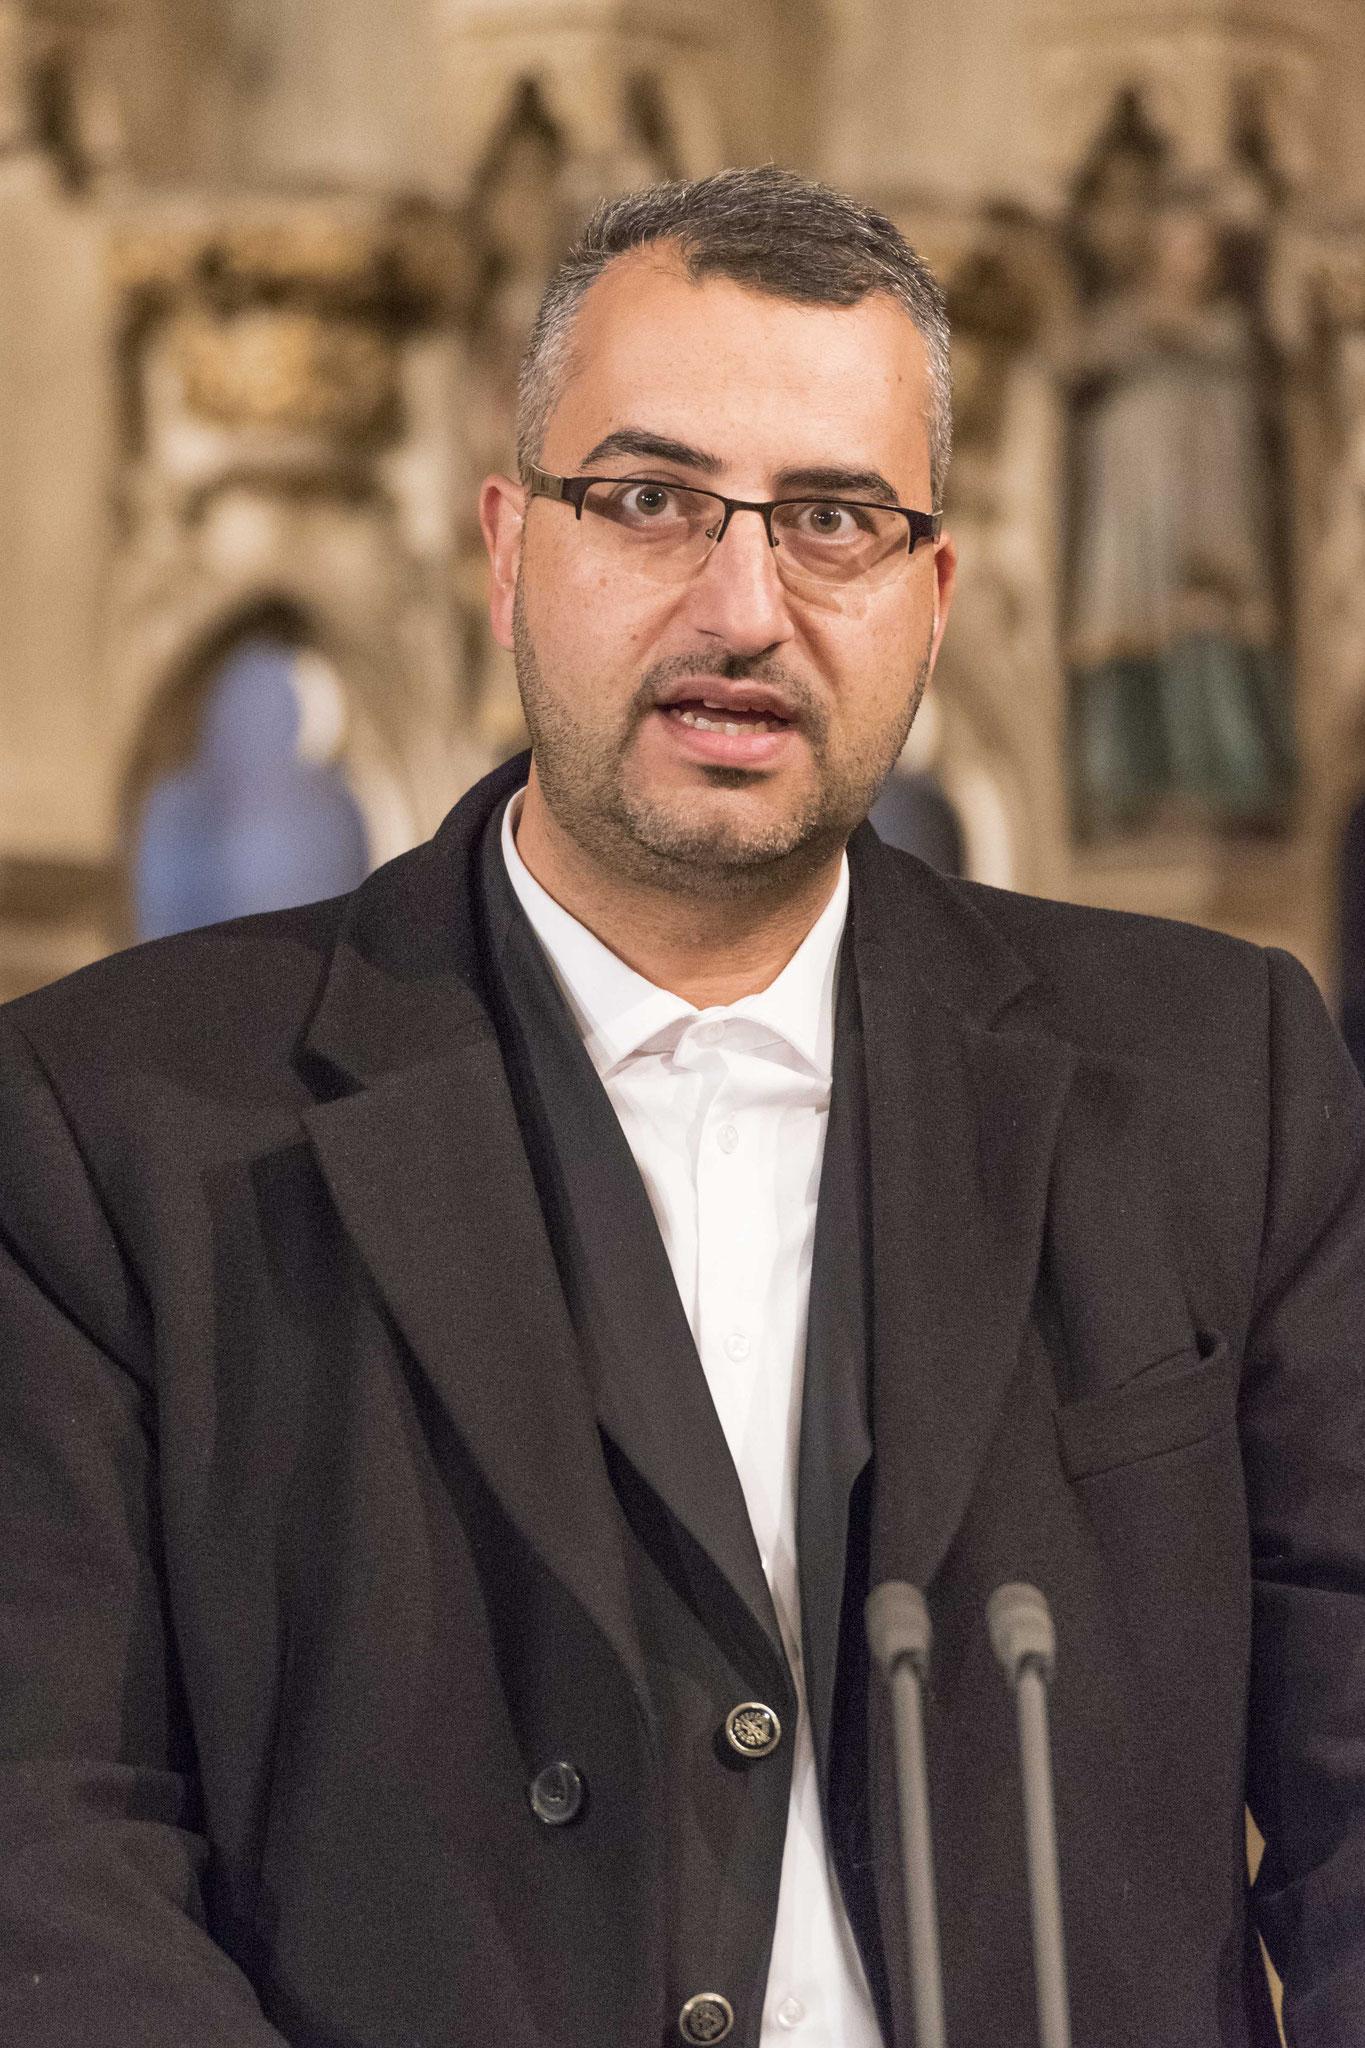 Bilal El-Sayad